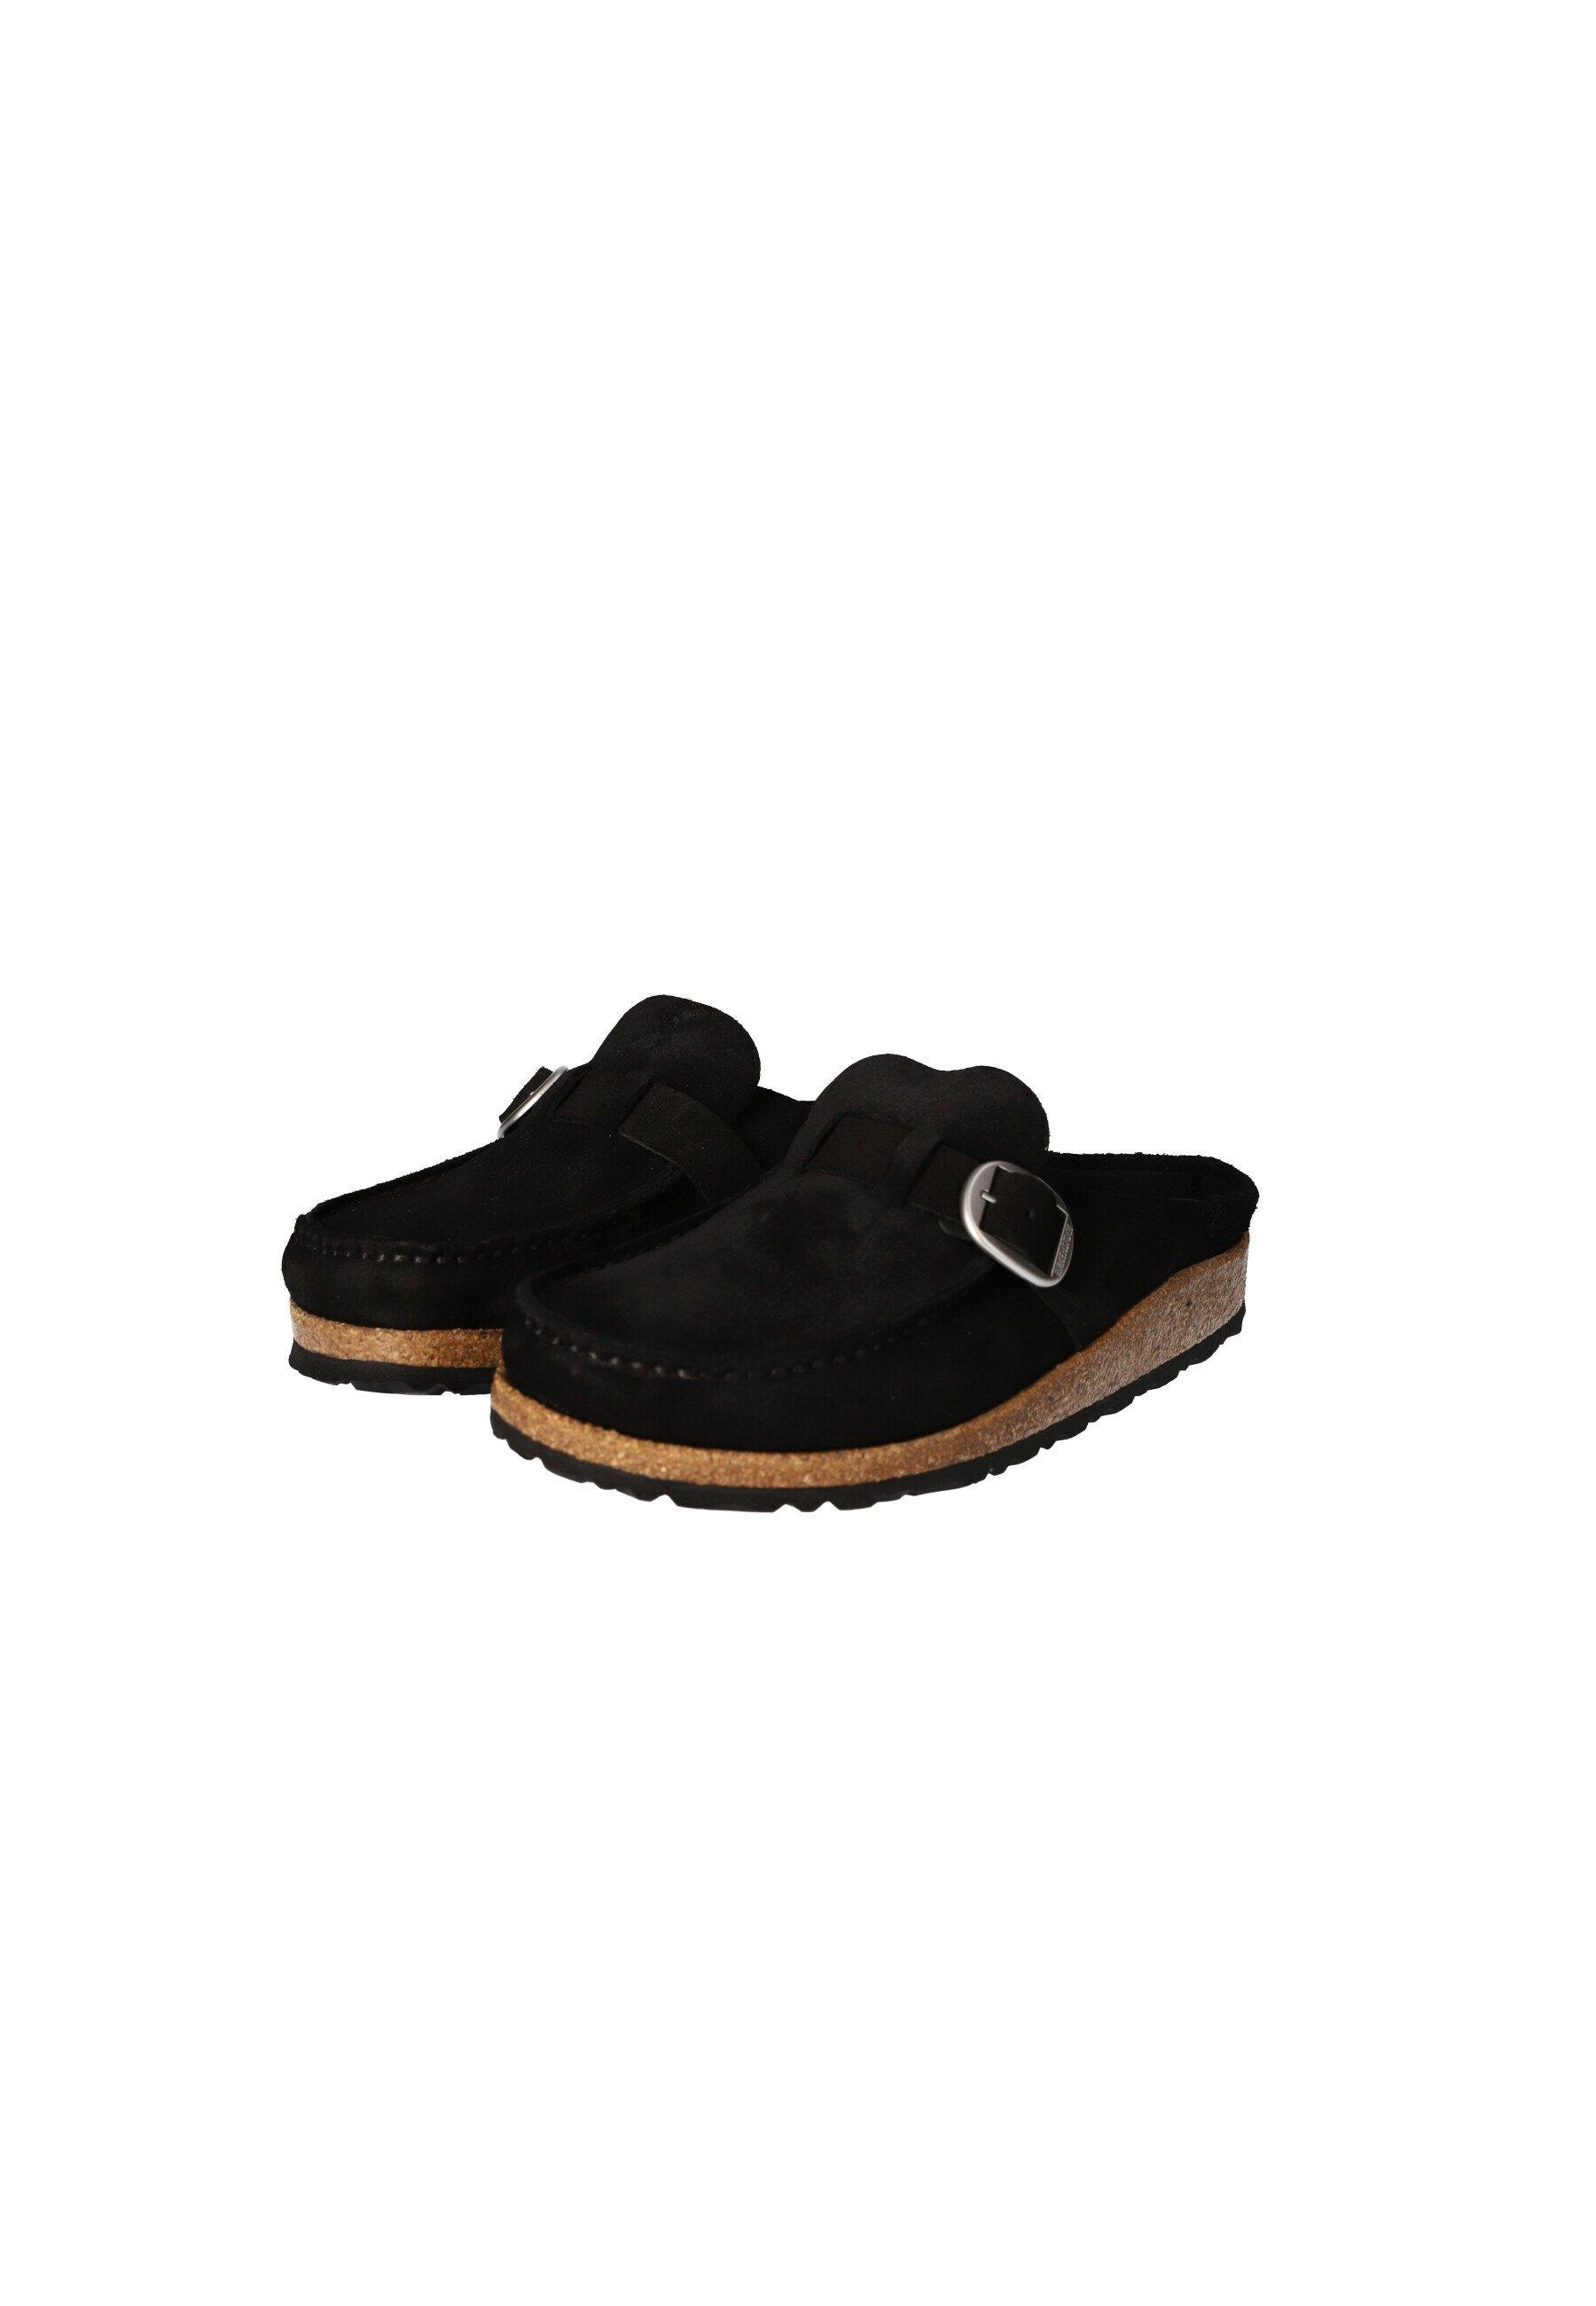 Birkenstock Clogs black/schwarz